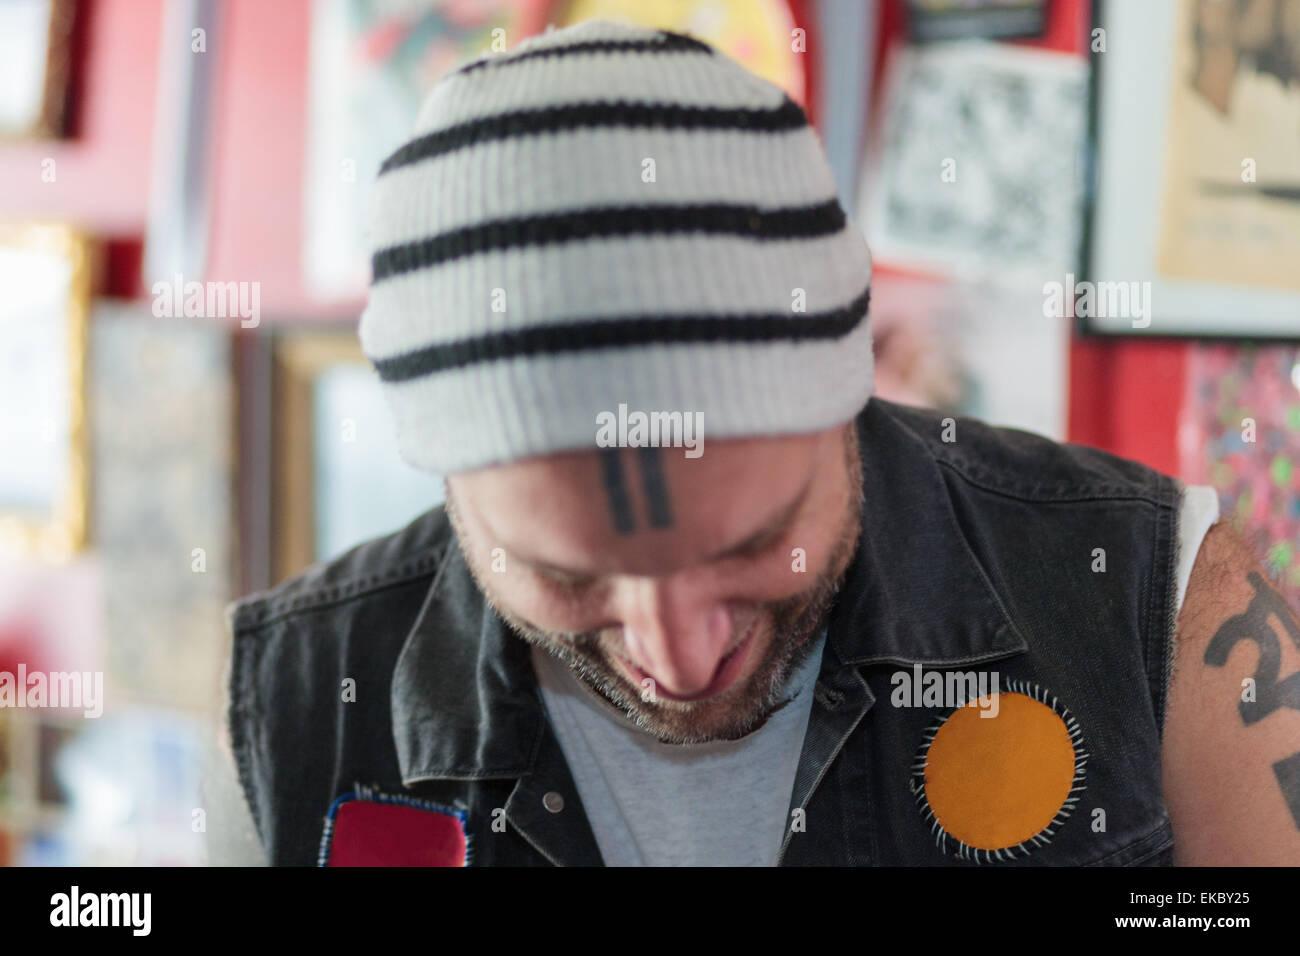 Cerca de machos punk tendero sonriendo y mirando hacia abajo en el vintage toy shop Imagen De Stock